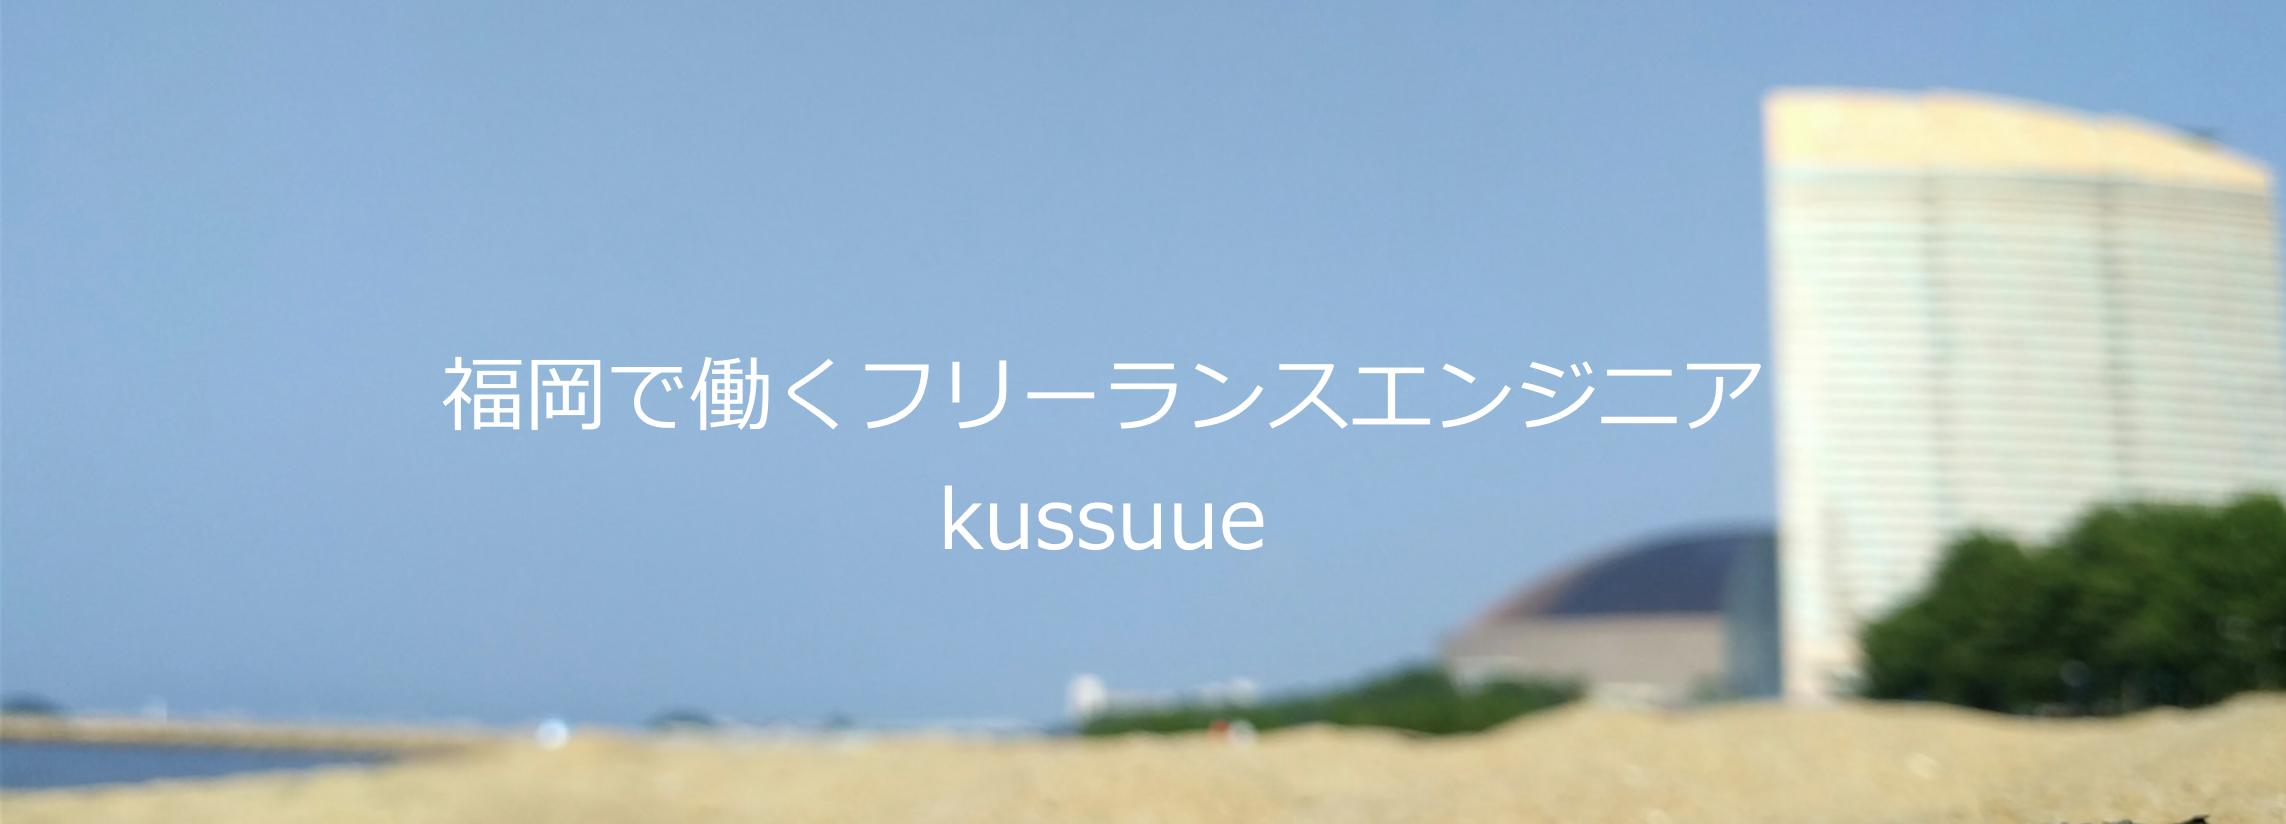 福岡で働くフリーランスエンジニア | kussuue